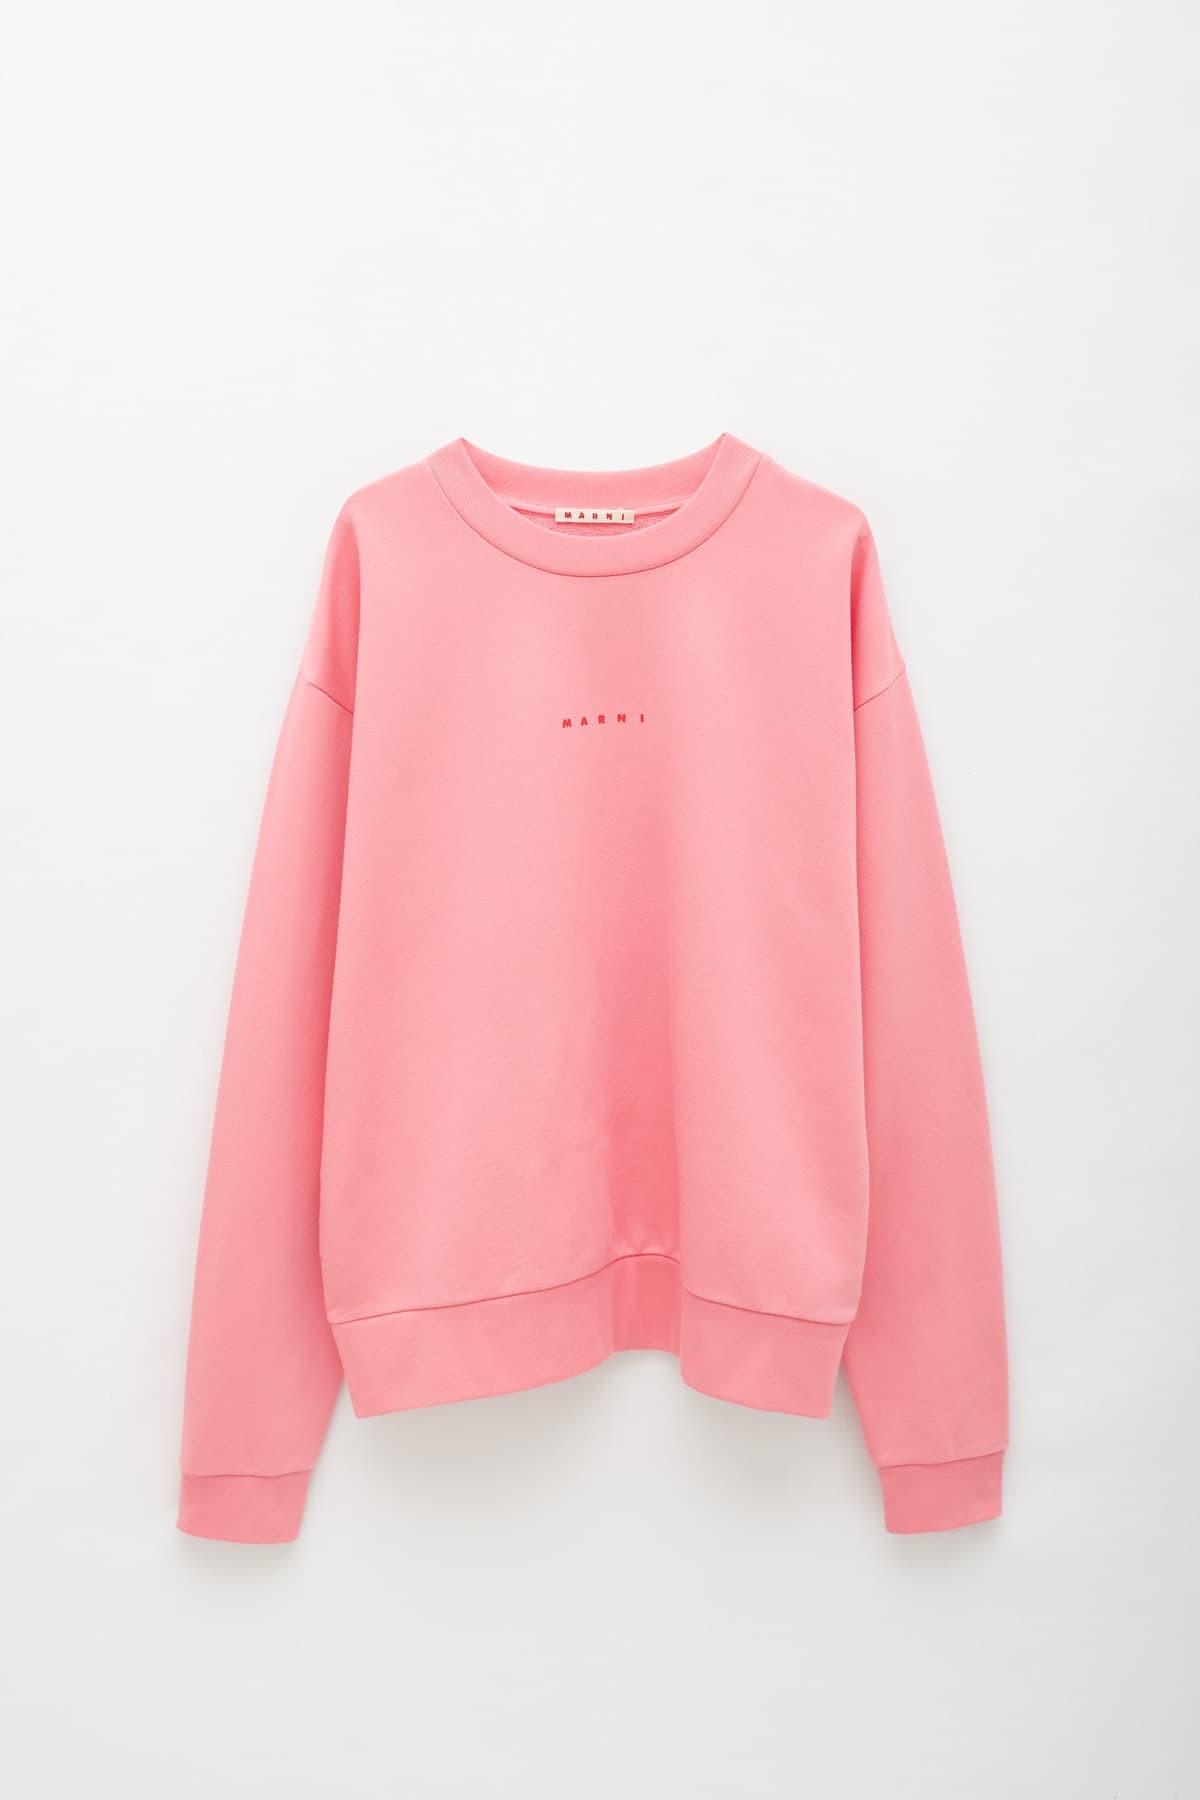 Shop Casablanca Racing On The Sea Silk Scarf